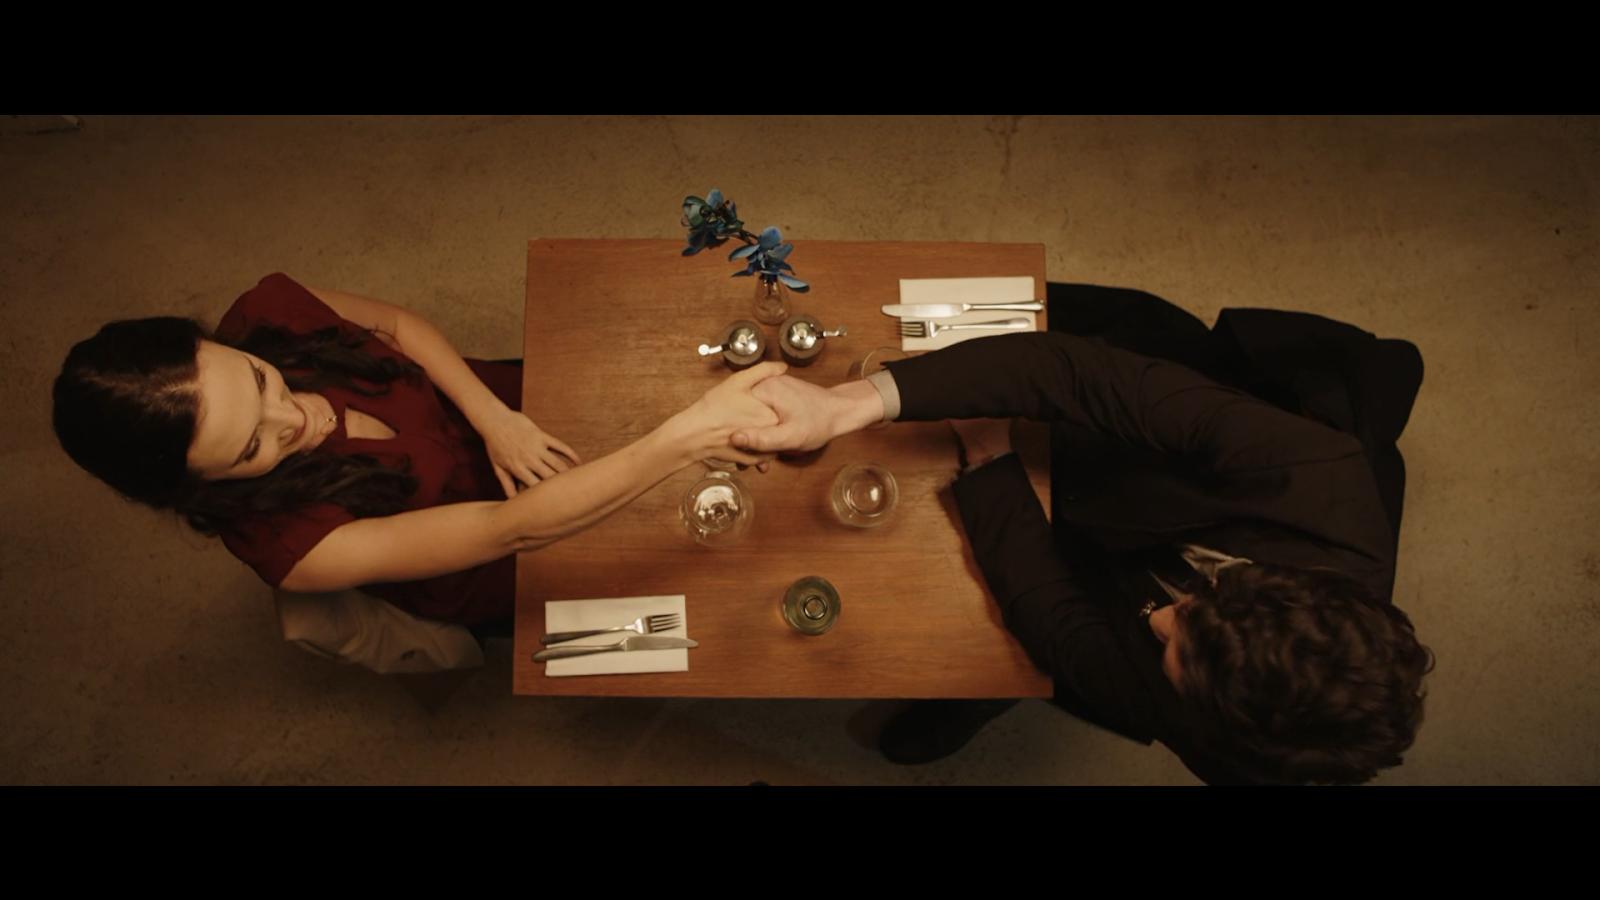 Фестиваль фильмов о любви Love Shorts: когда стартует + программа - фото №7